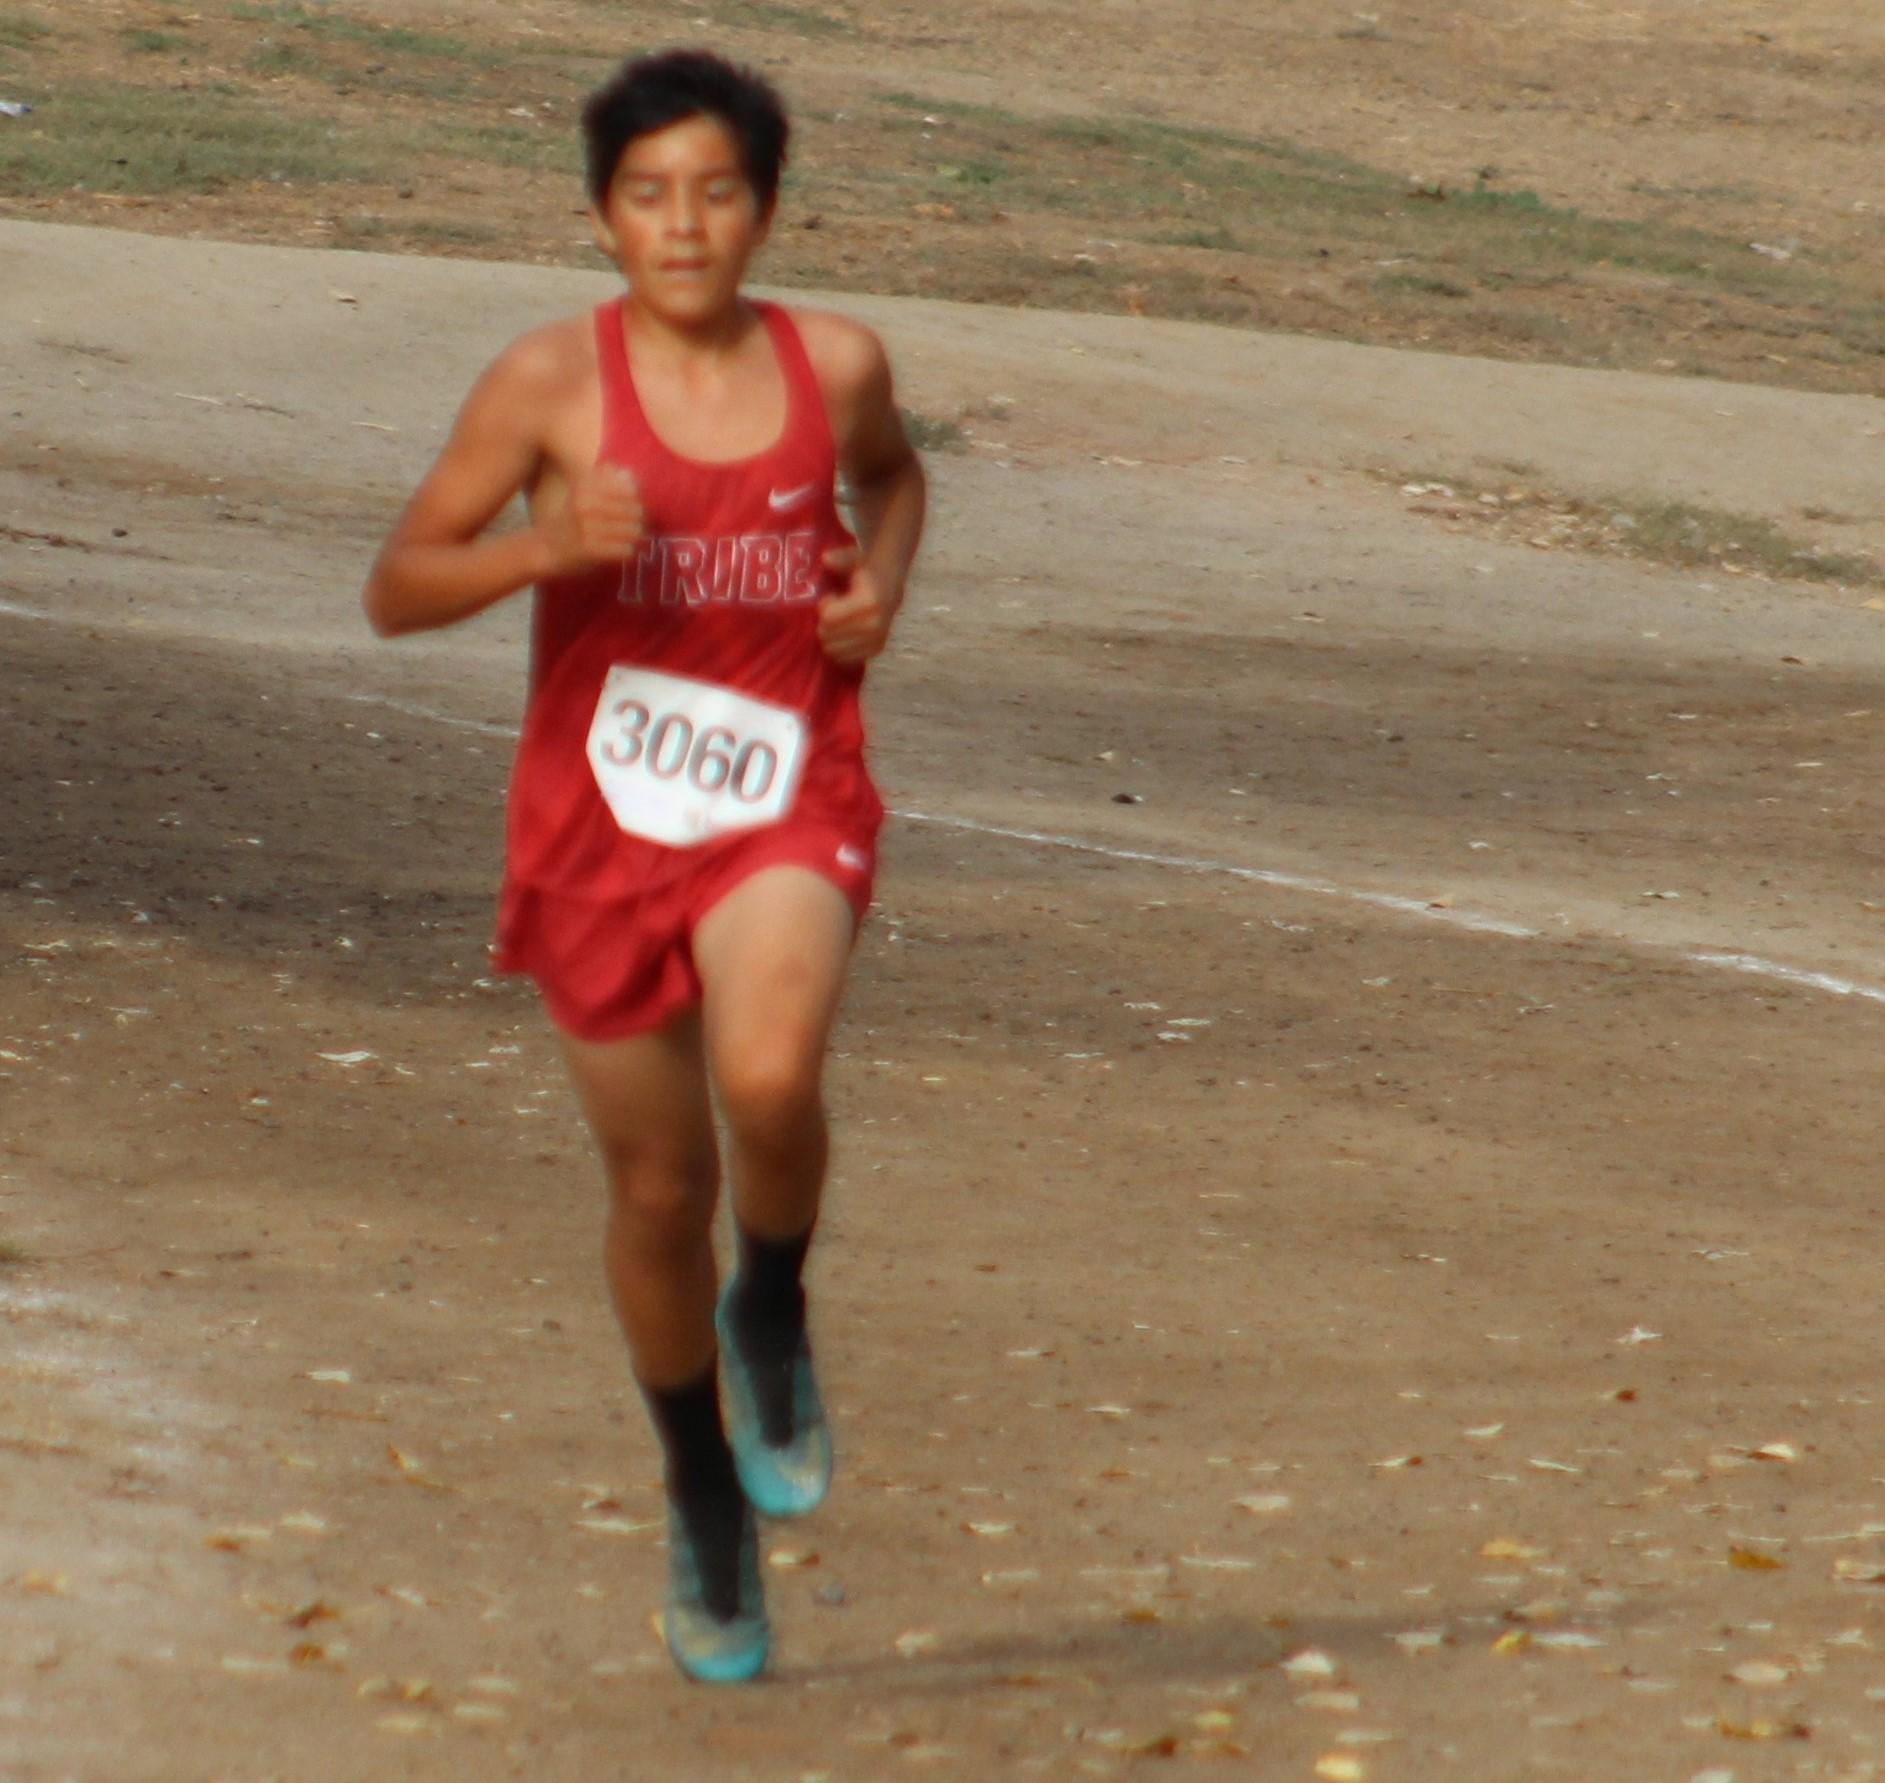 Isaac Rivera running